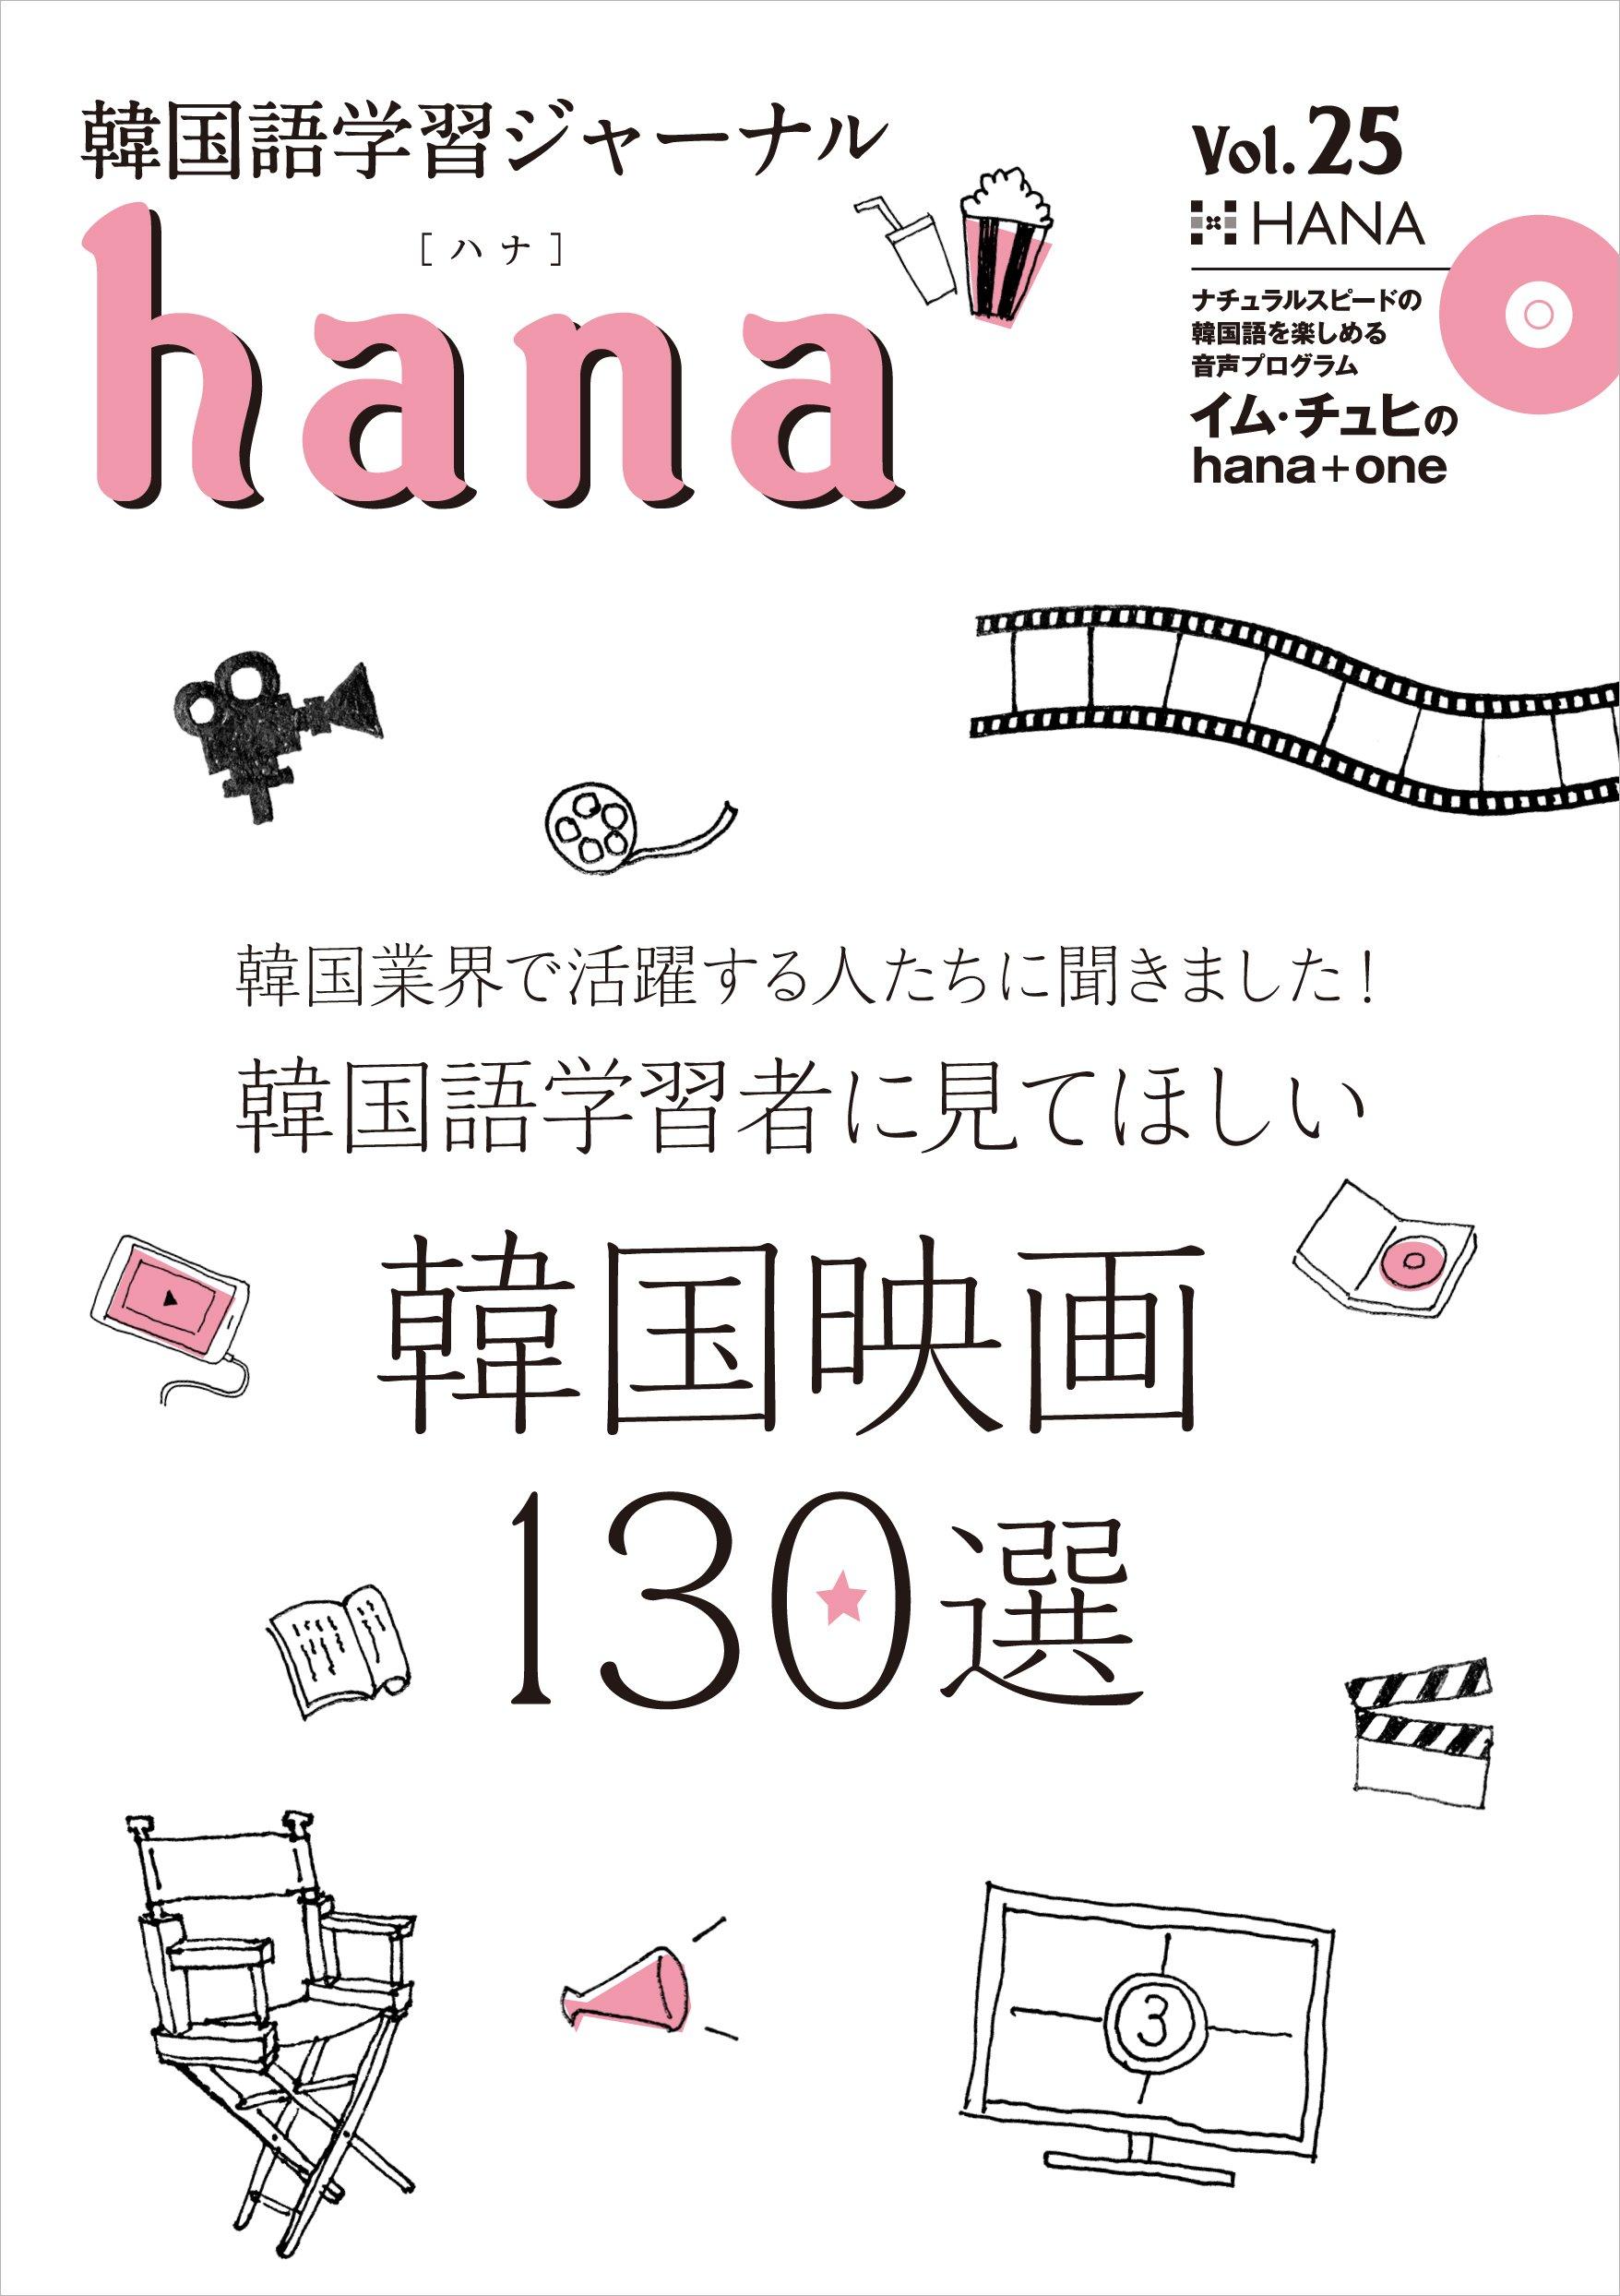 韓国語学習ジャーナルhana Vol. ...